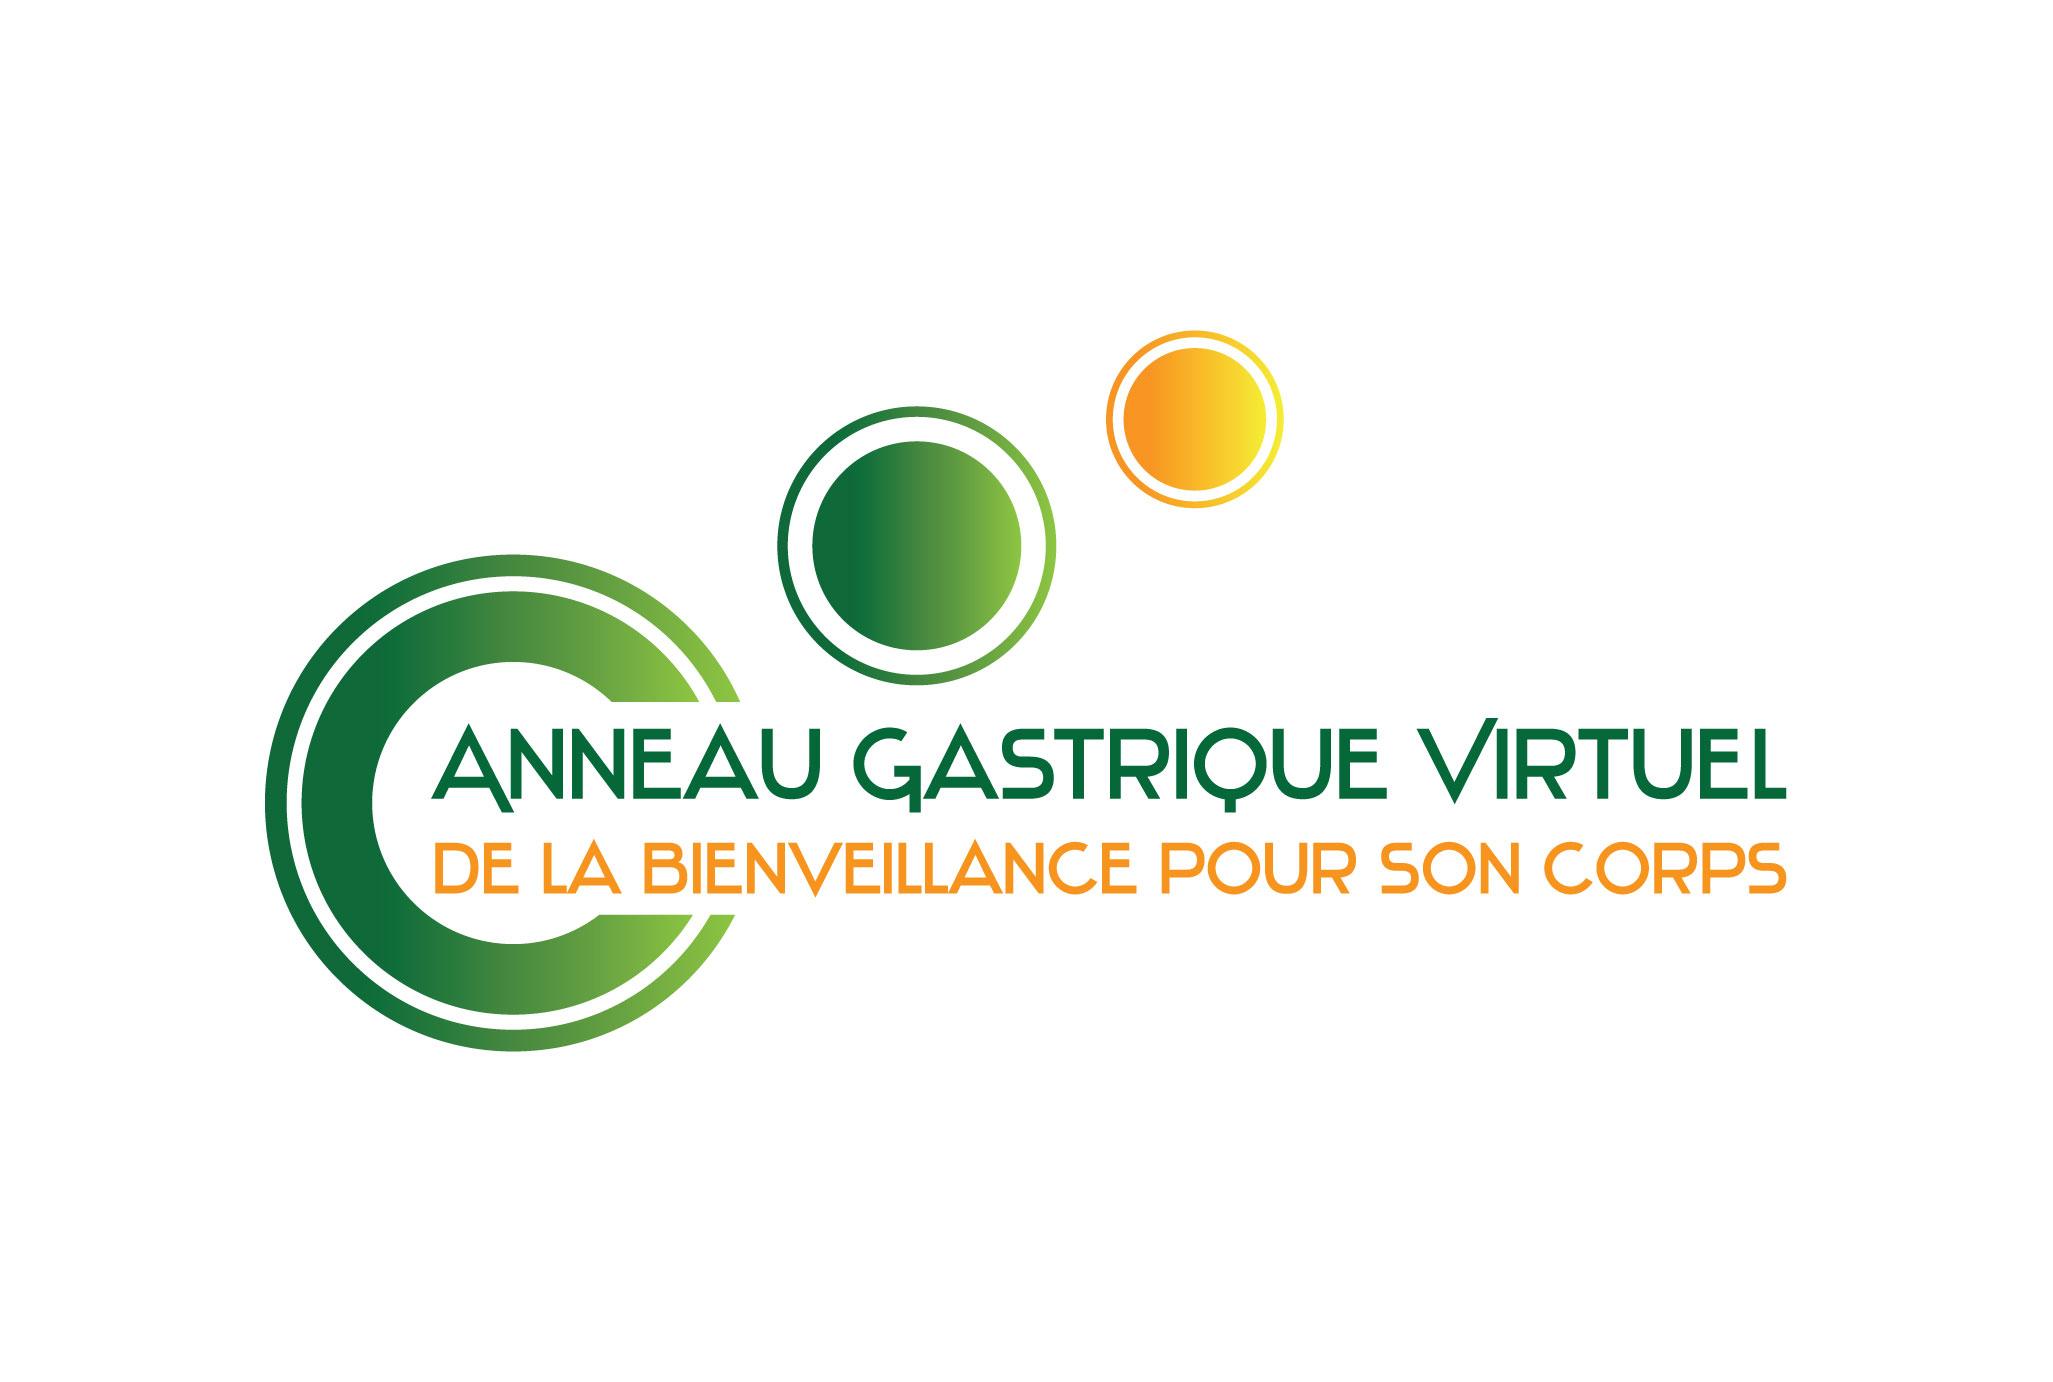 Anneau Gastrique Virtuel Gratuit